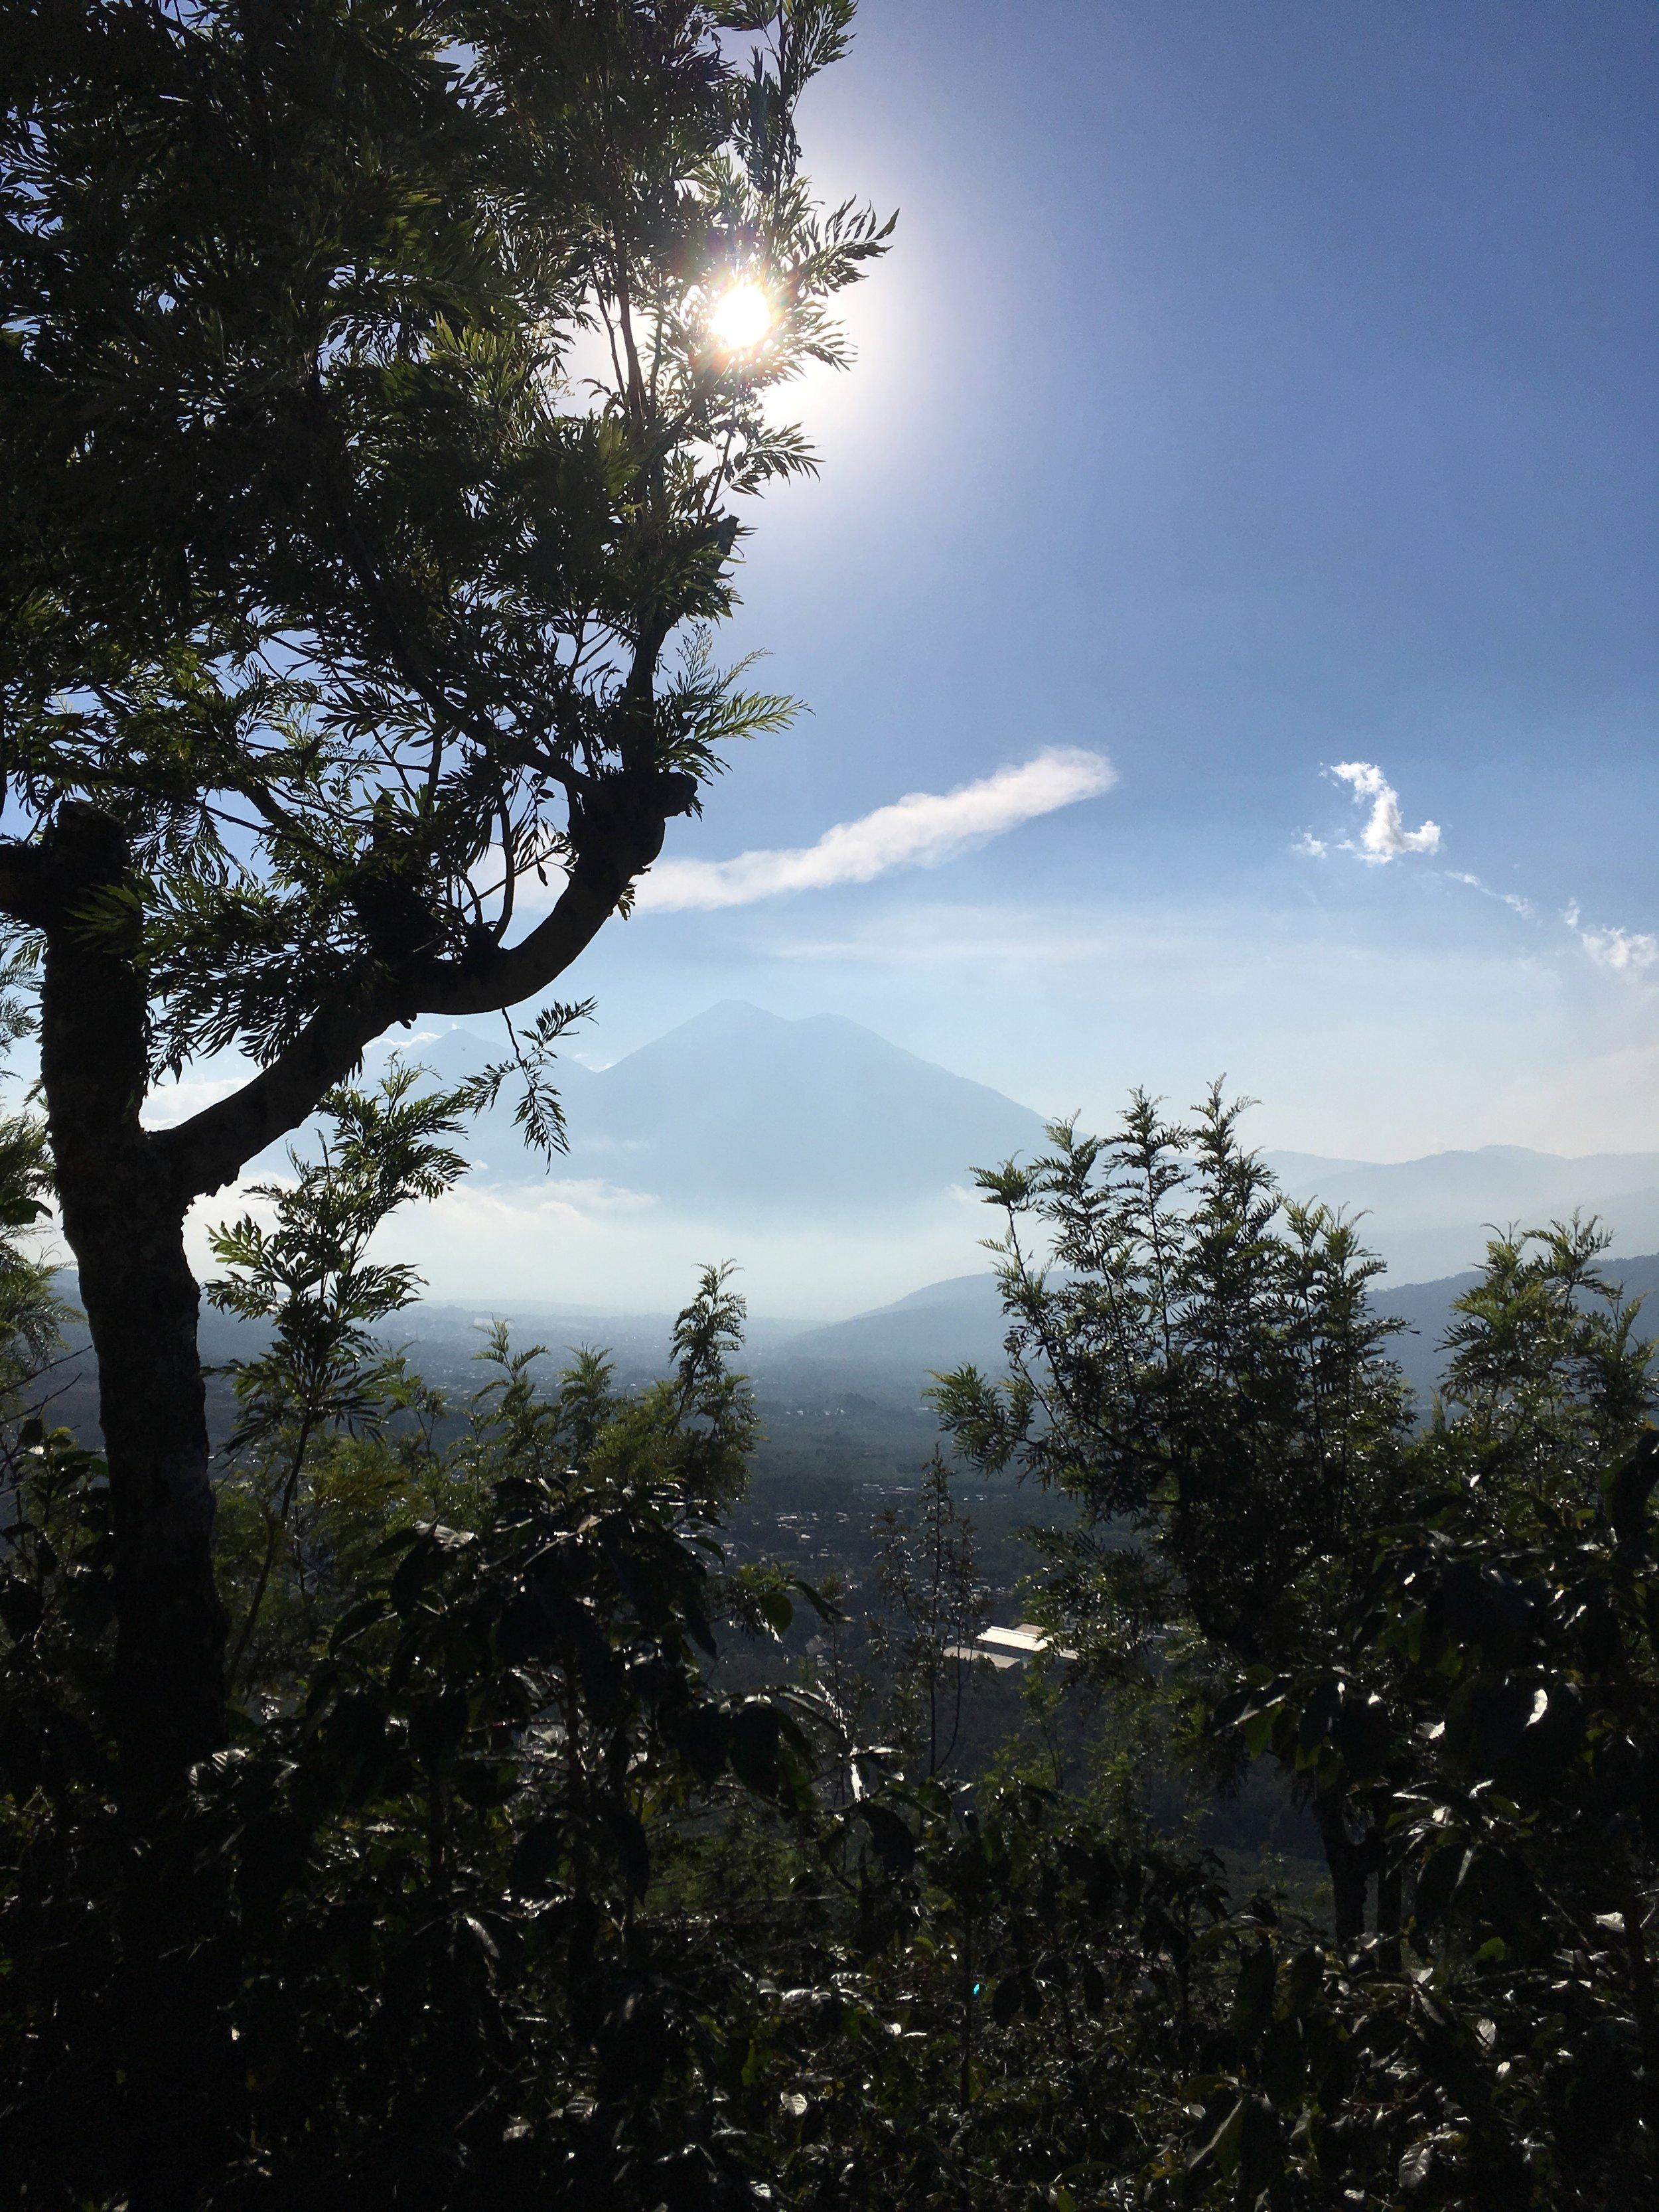 Acantenango and Volcán de Fuego from Finca Santa Clara.